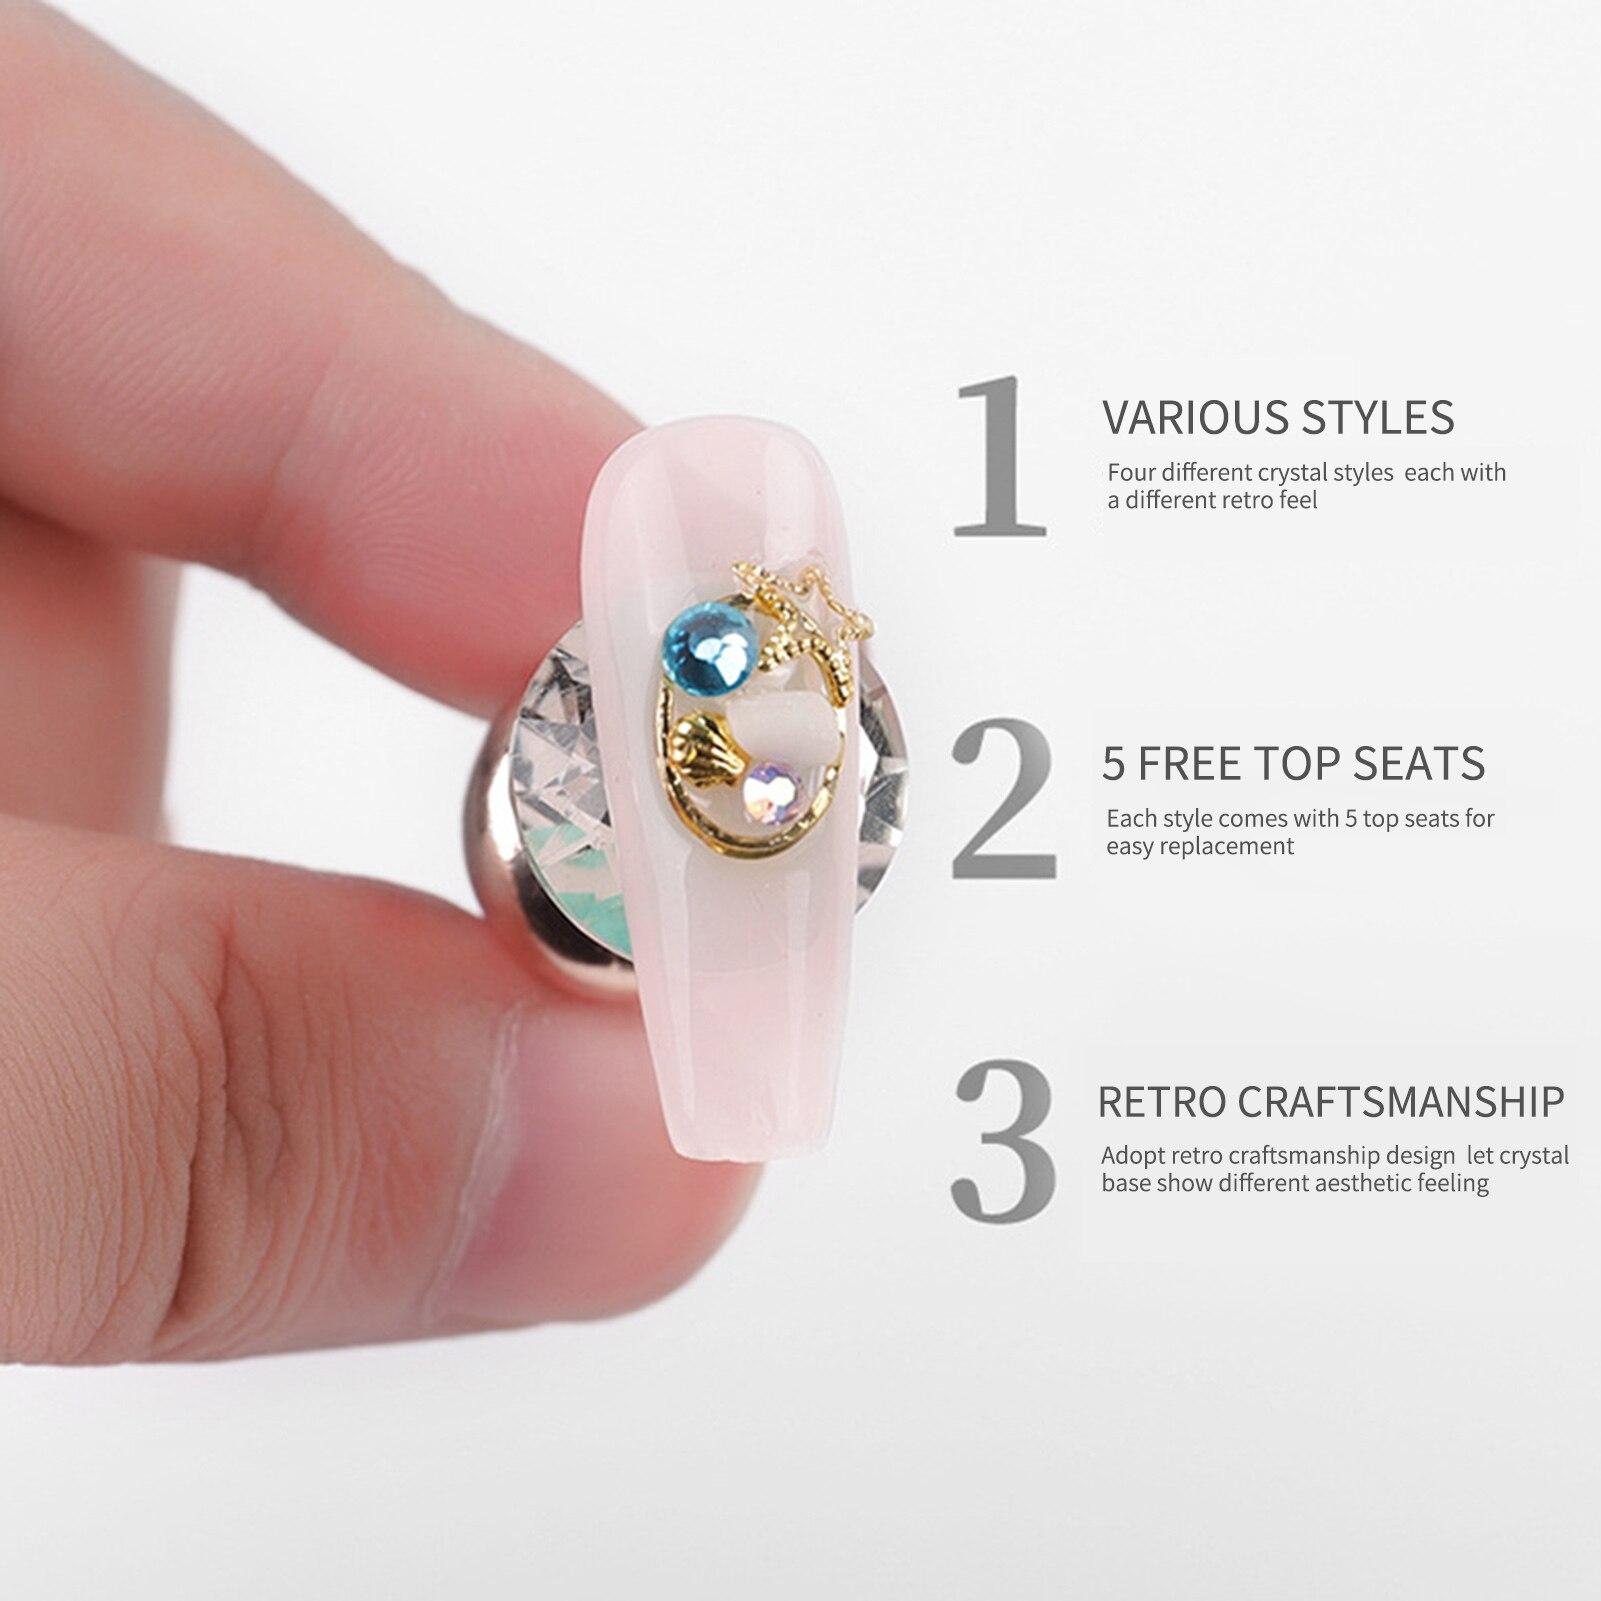 prego titular manicure estilo japones pratica assento 05